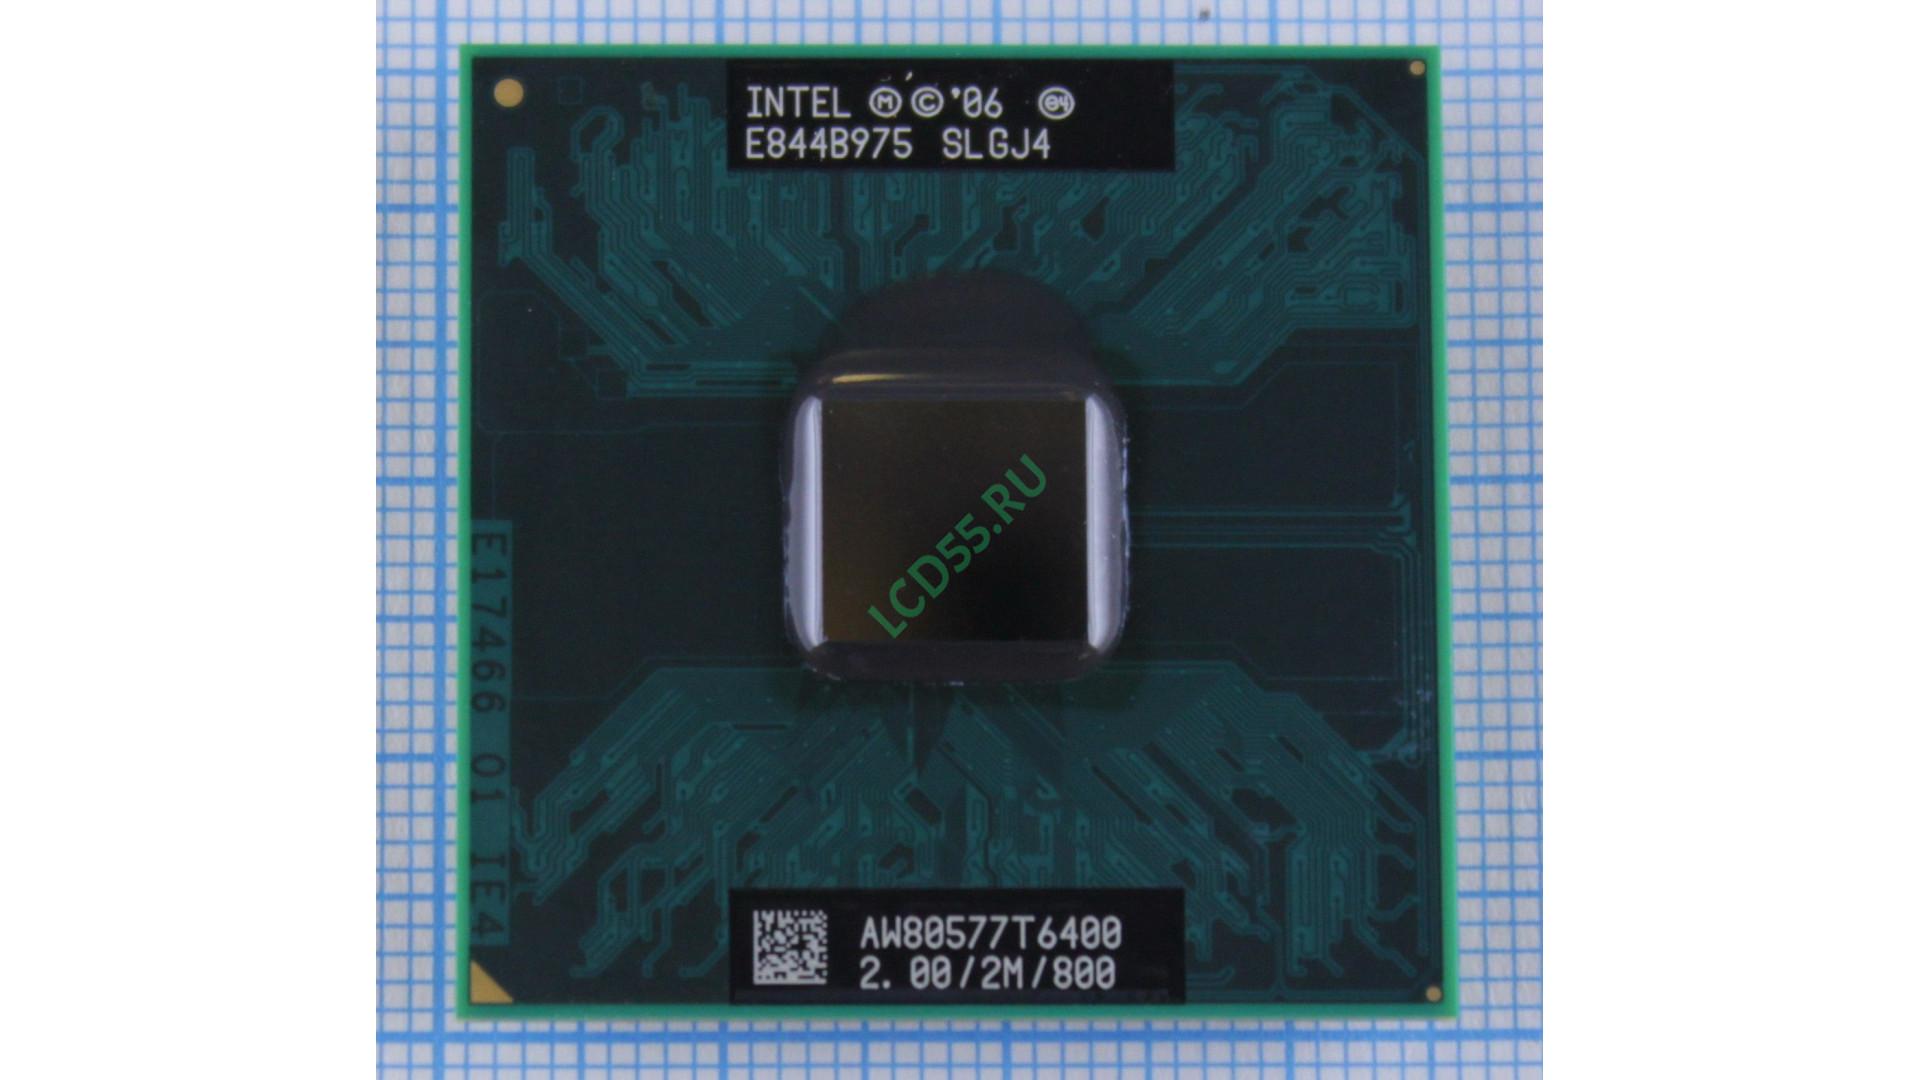 Intel T6400 SLGJ4